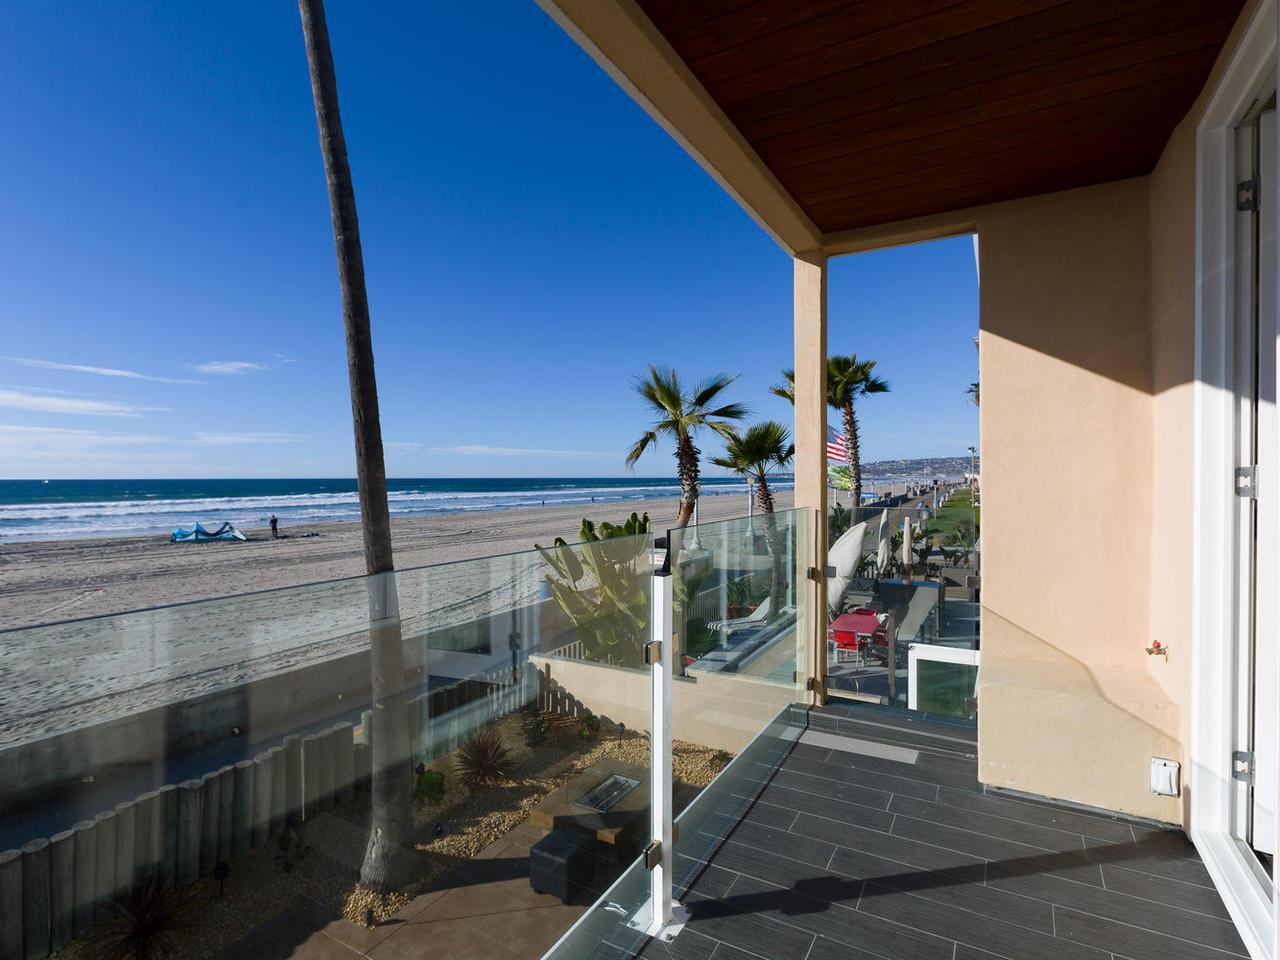 San Diego Vacation Rentals Luxury Beachfront Vacation Rental Oceanfront Luxury Rental San